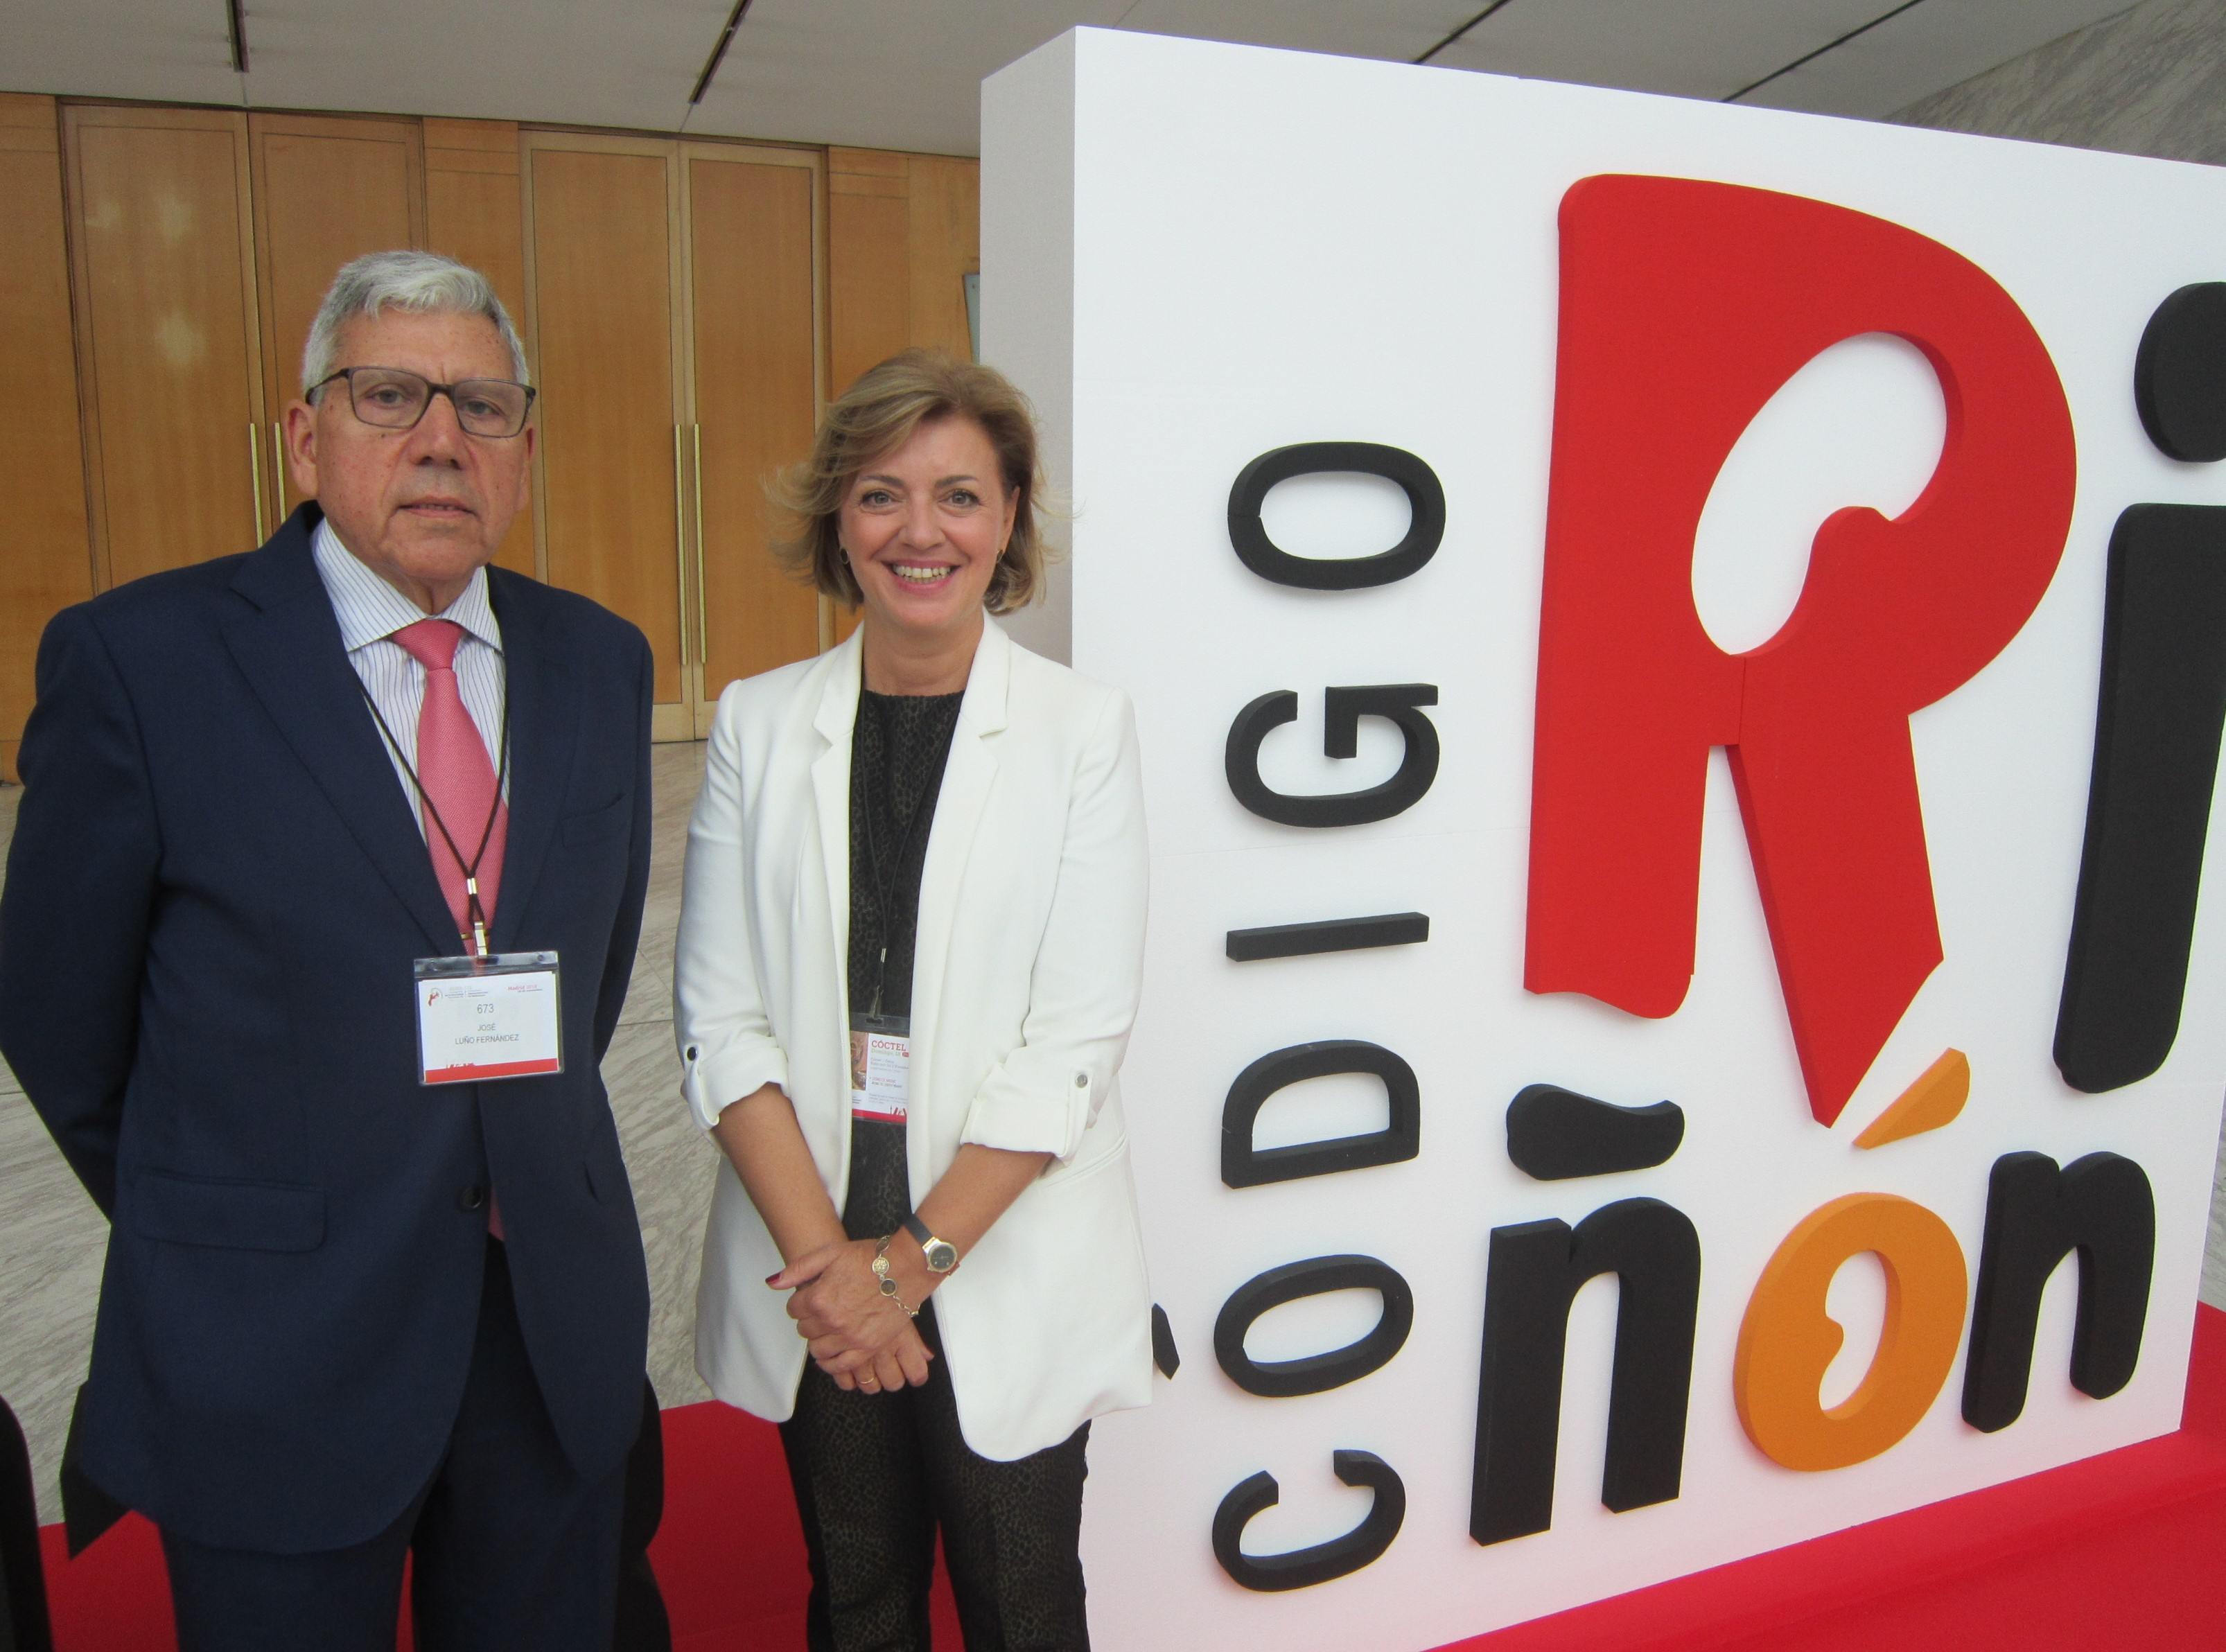 Más de 60.000 personas en España viven con un tratamiento que sustituye su función renal: hemodiálisis, diálisis o trasplante